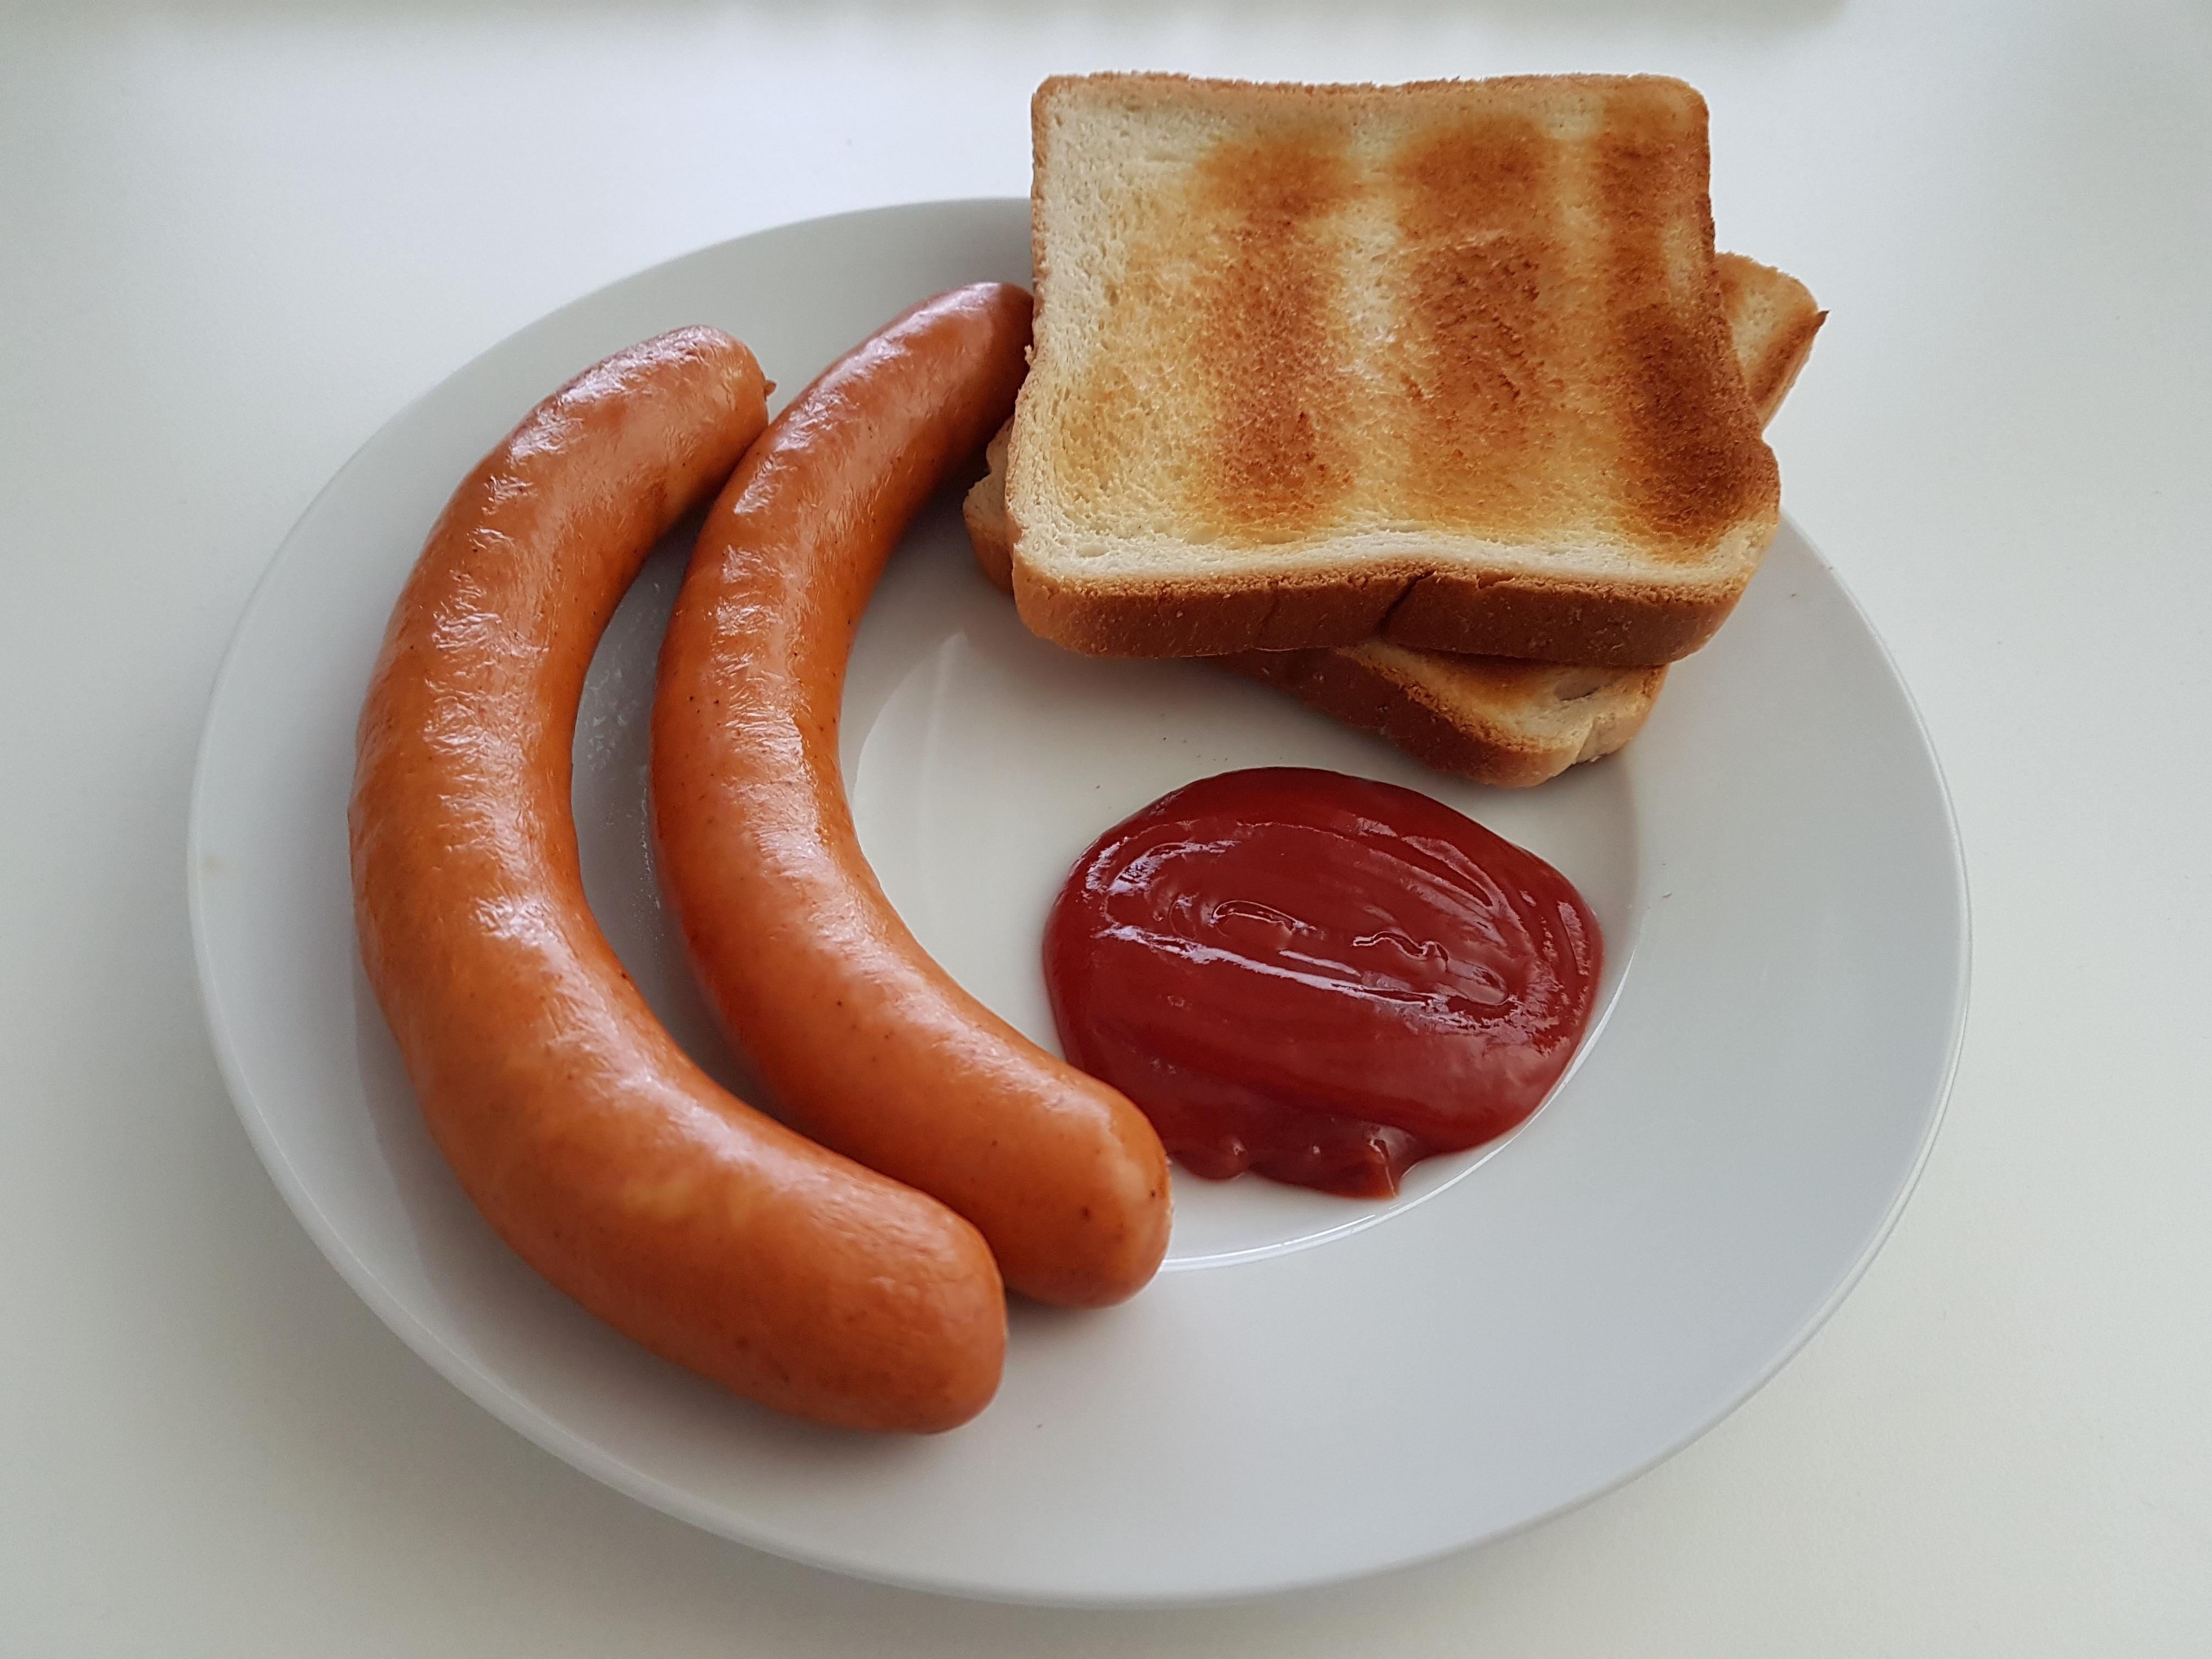 http://foodloader.net/Holz_2017-06-03_Kaeseknacker.jpg